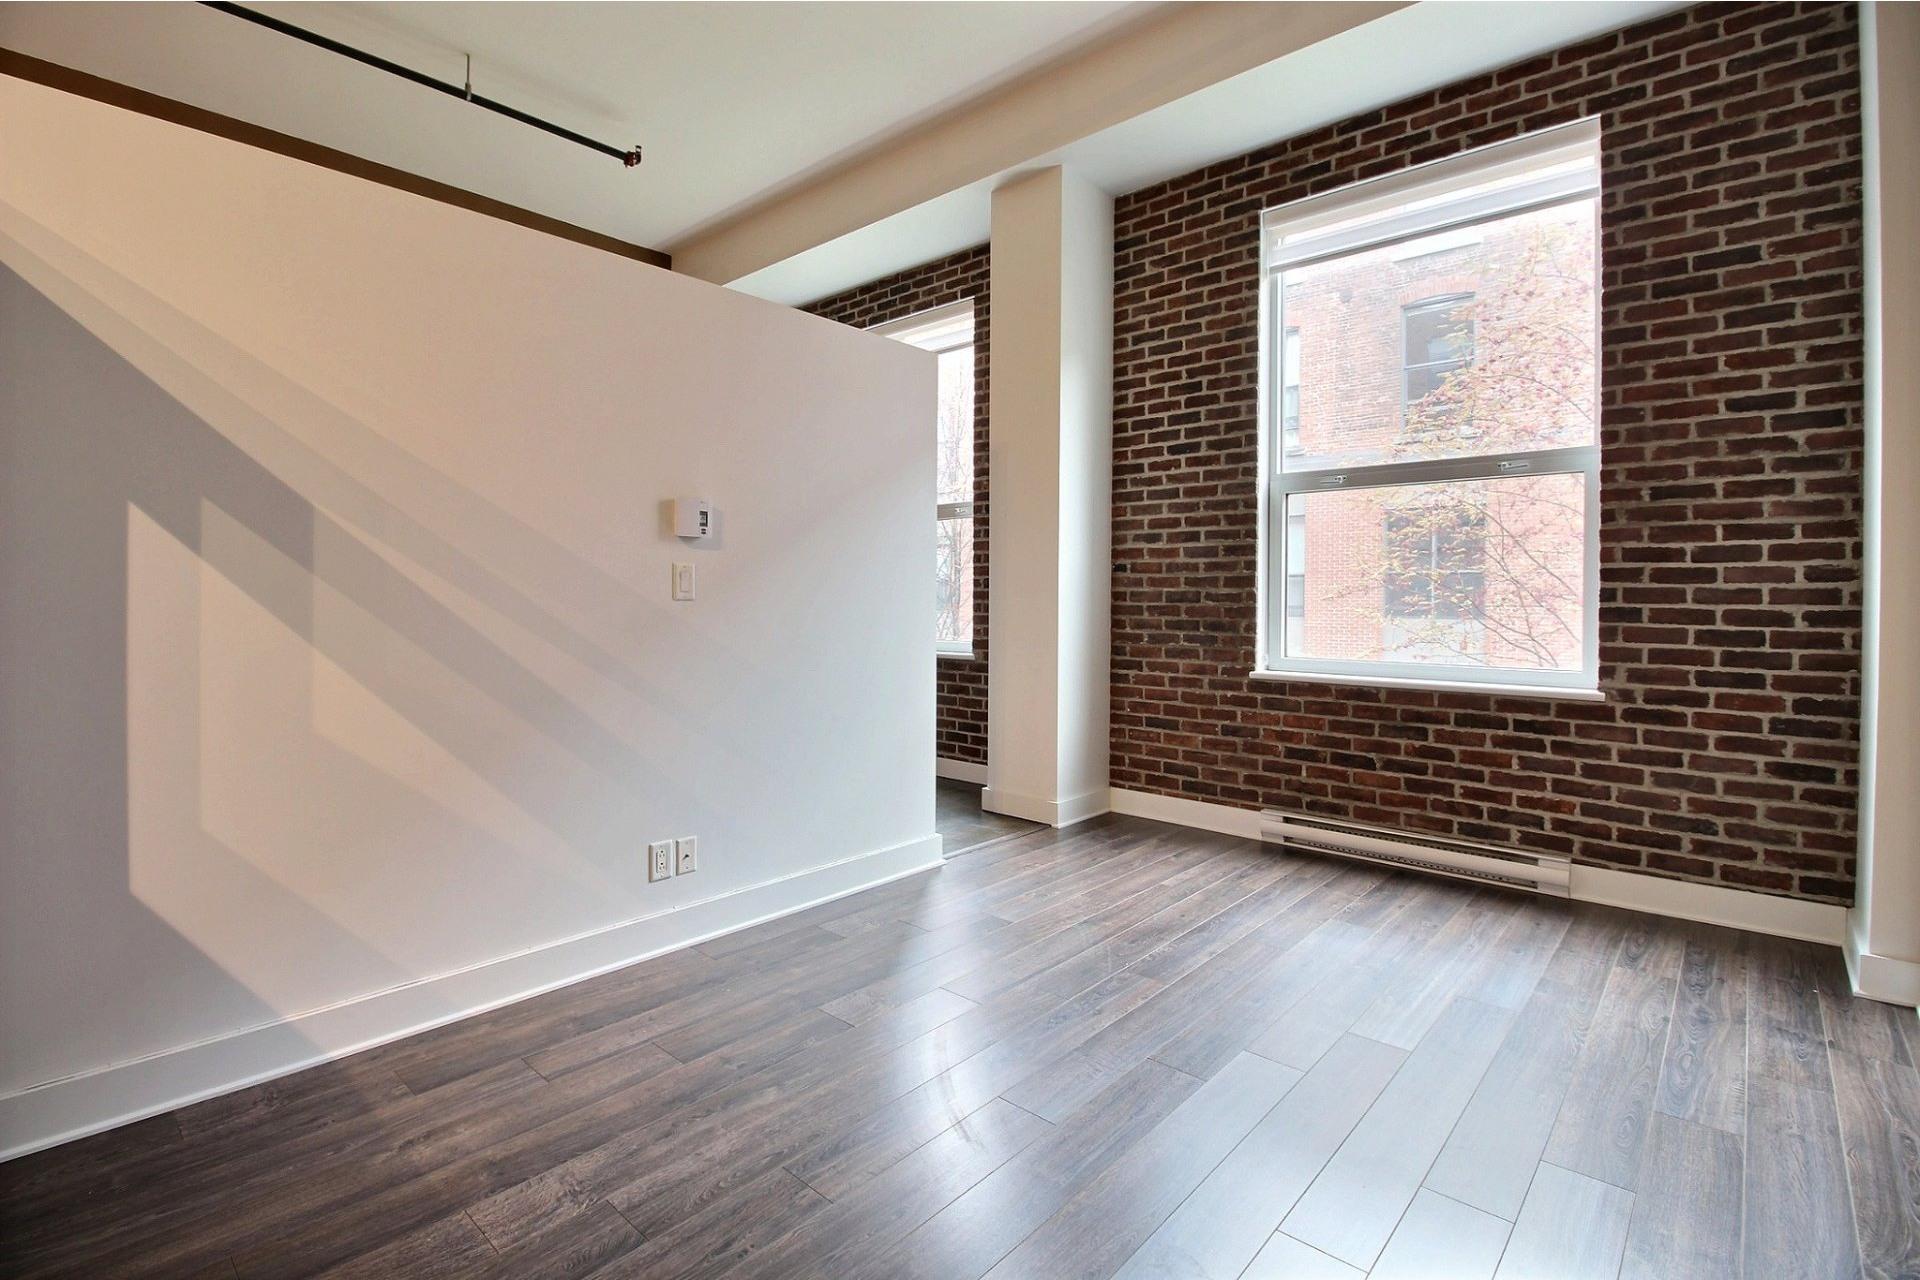 image 17 - Apartment For rent Mercier/Hochelaga-Maisonneuve Montréal  - 6 rooms